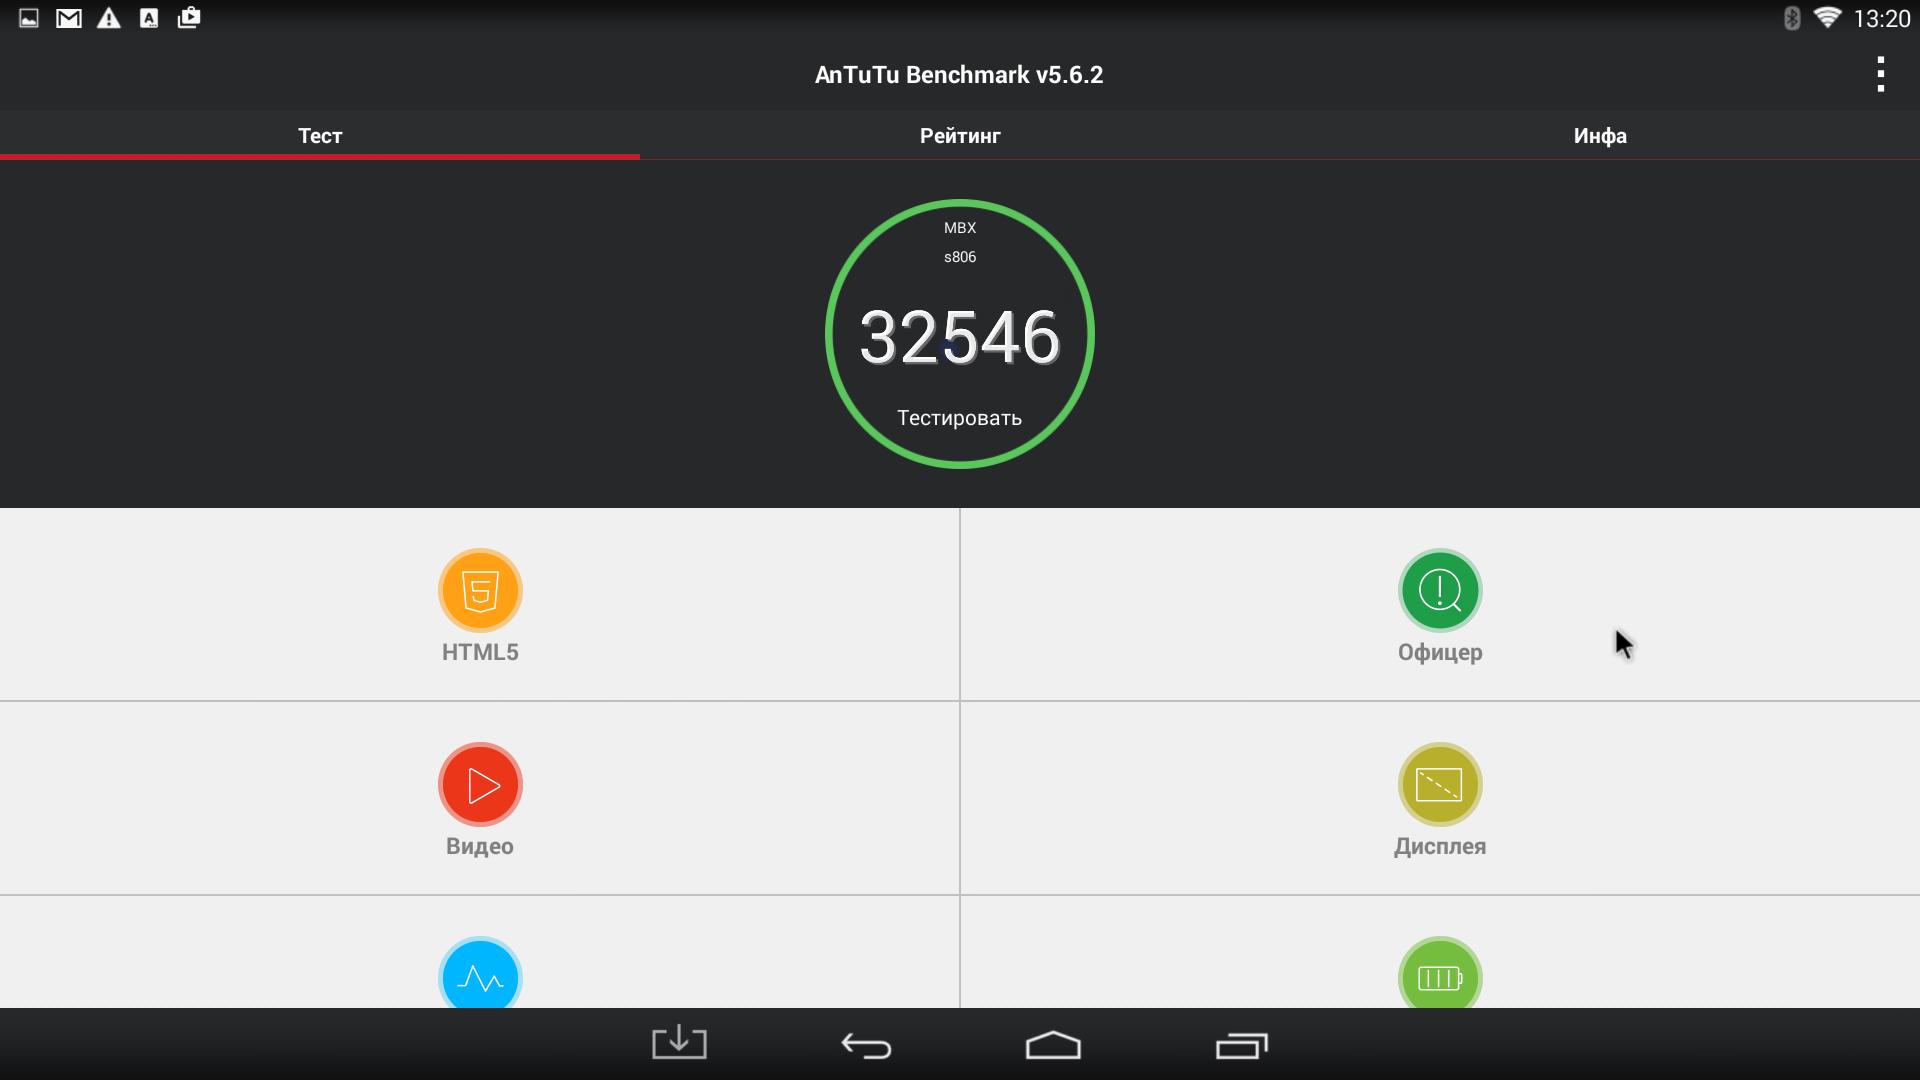 Показники AnTuTu Benchmark на приставці S82